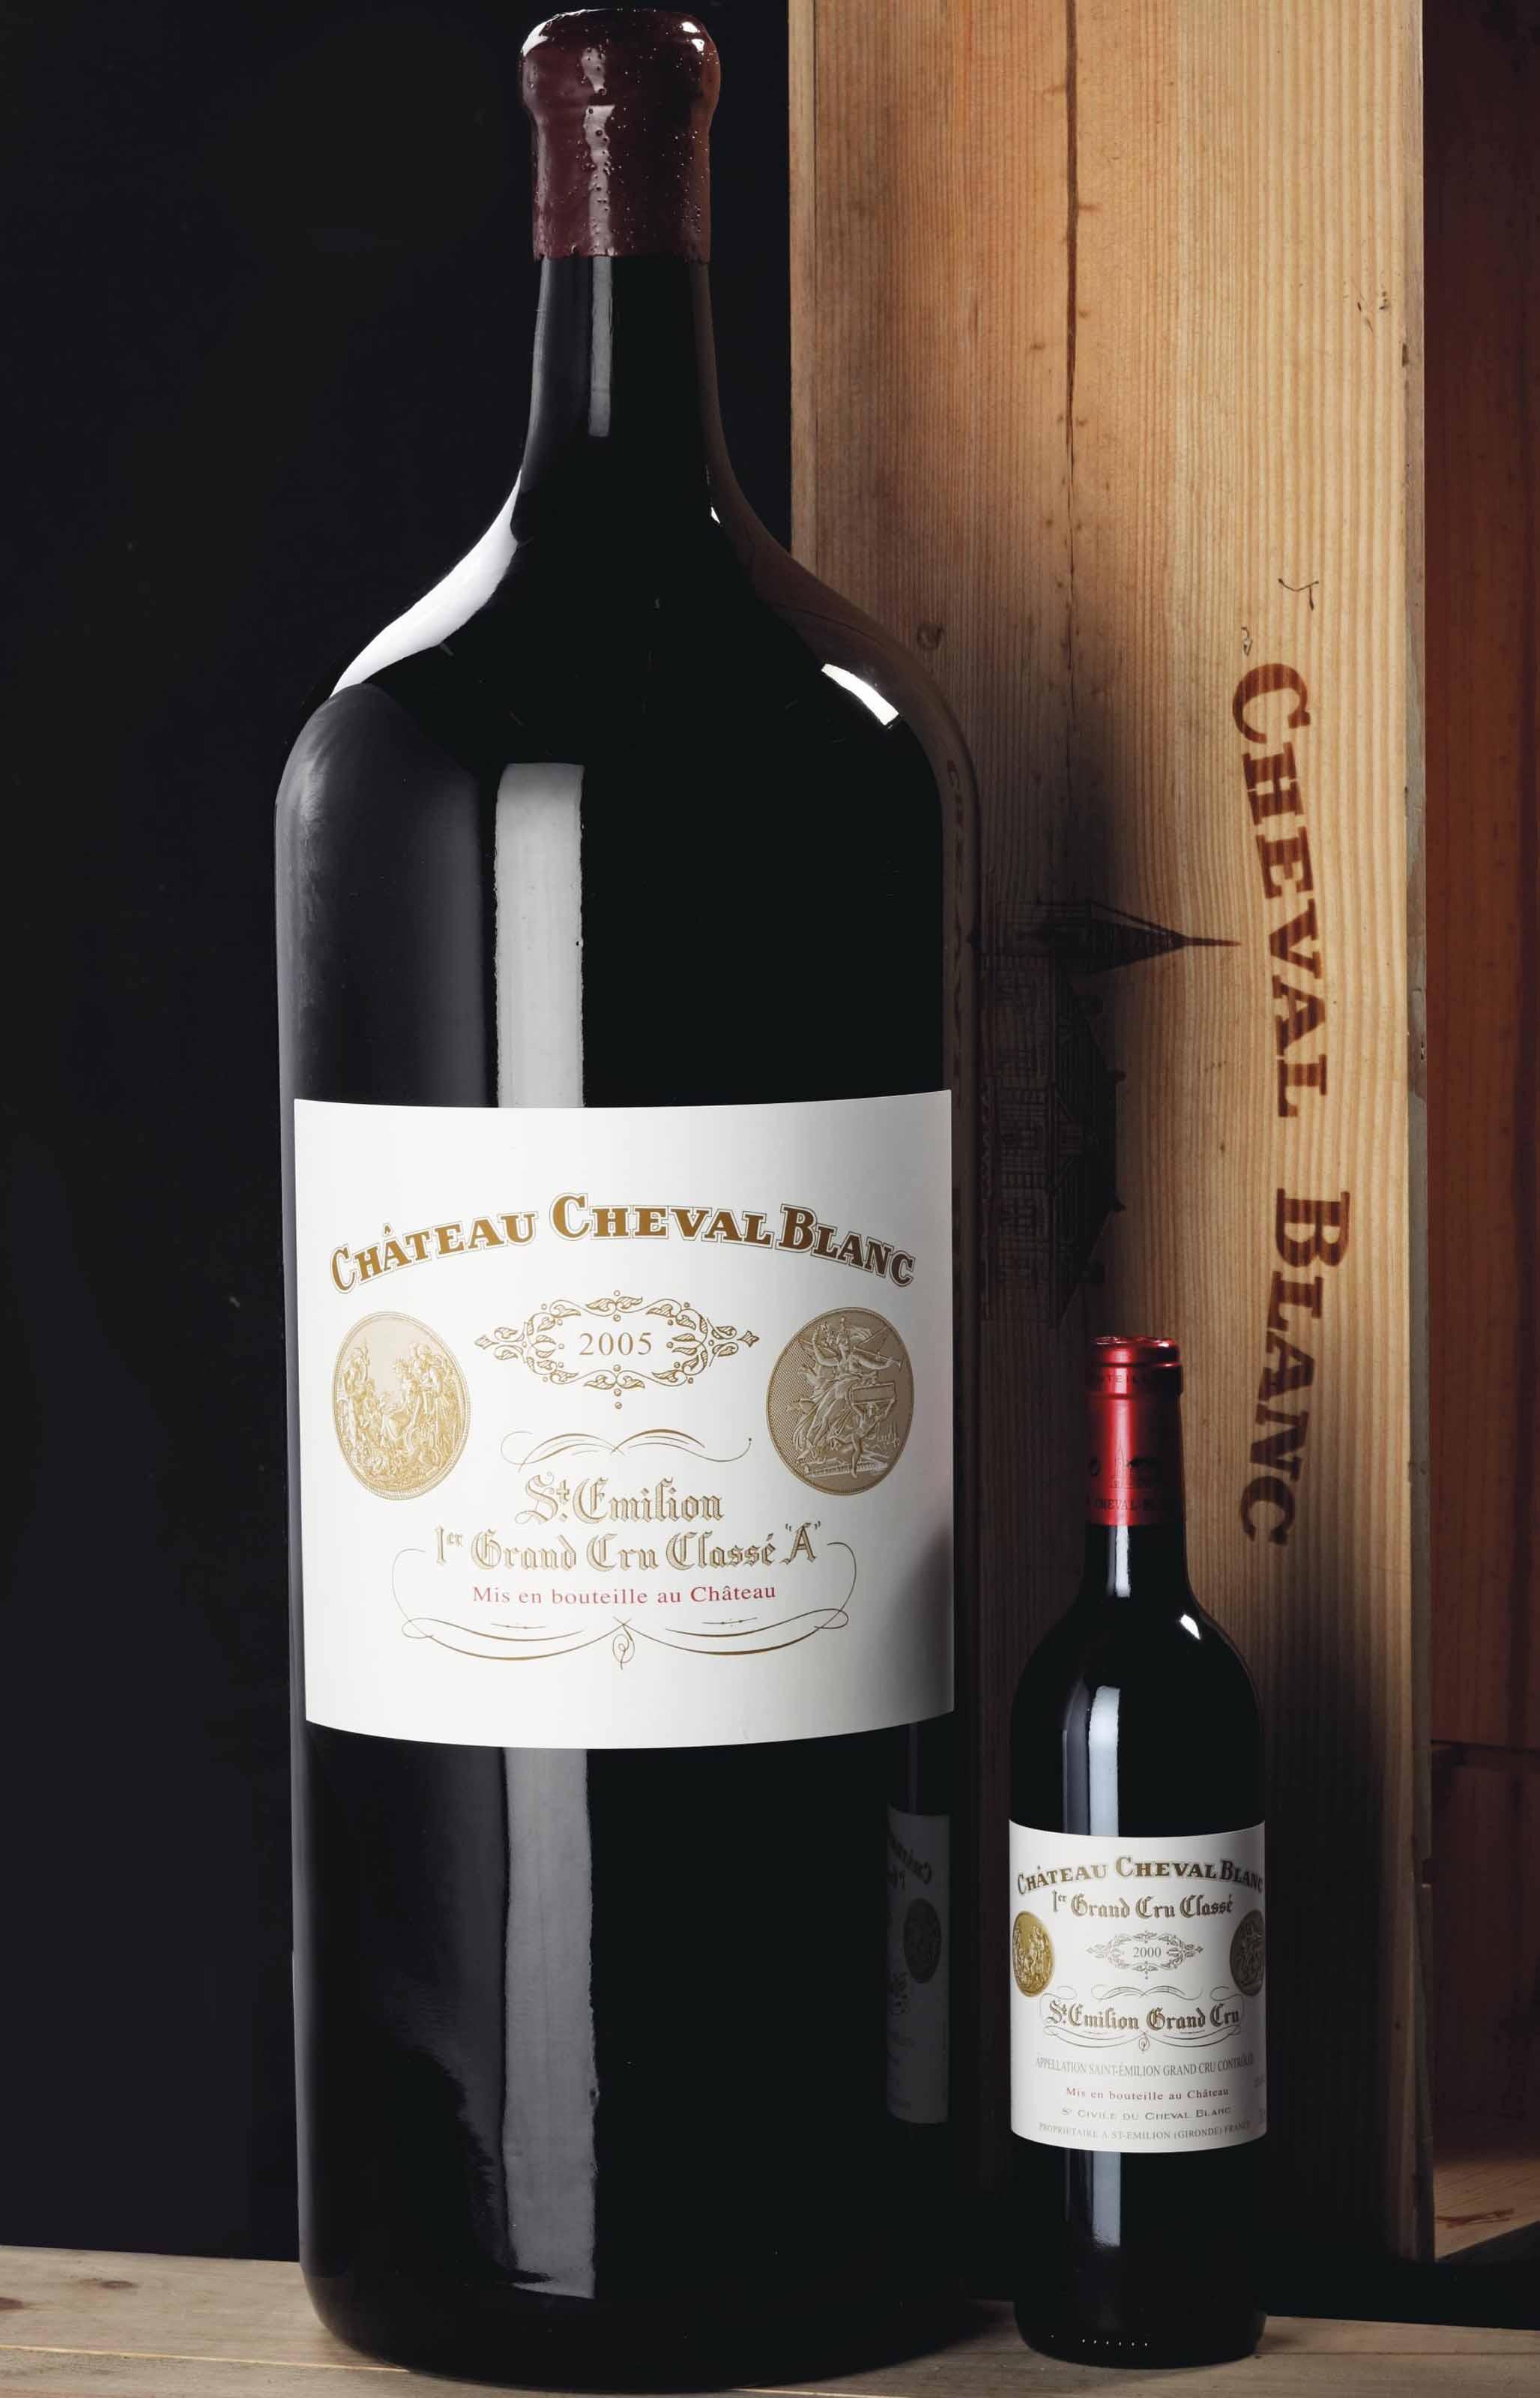 Château Cheval-Blanc 2005